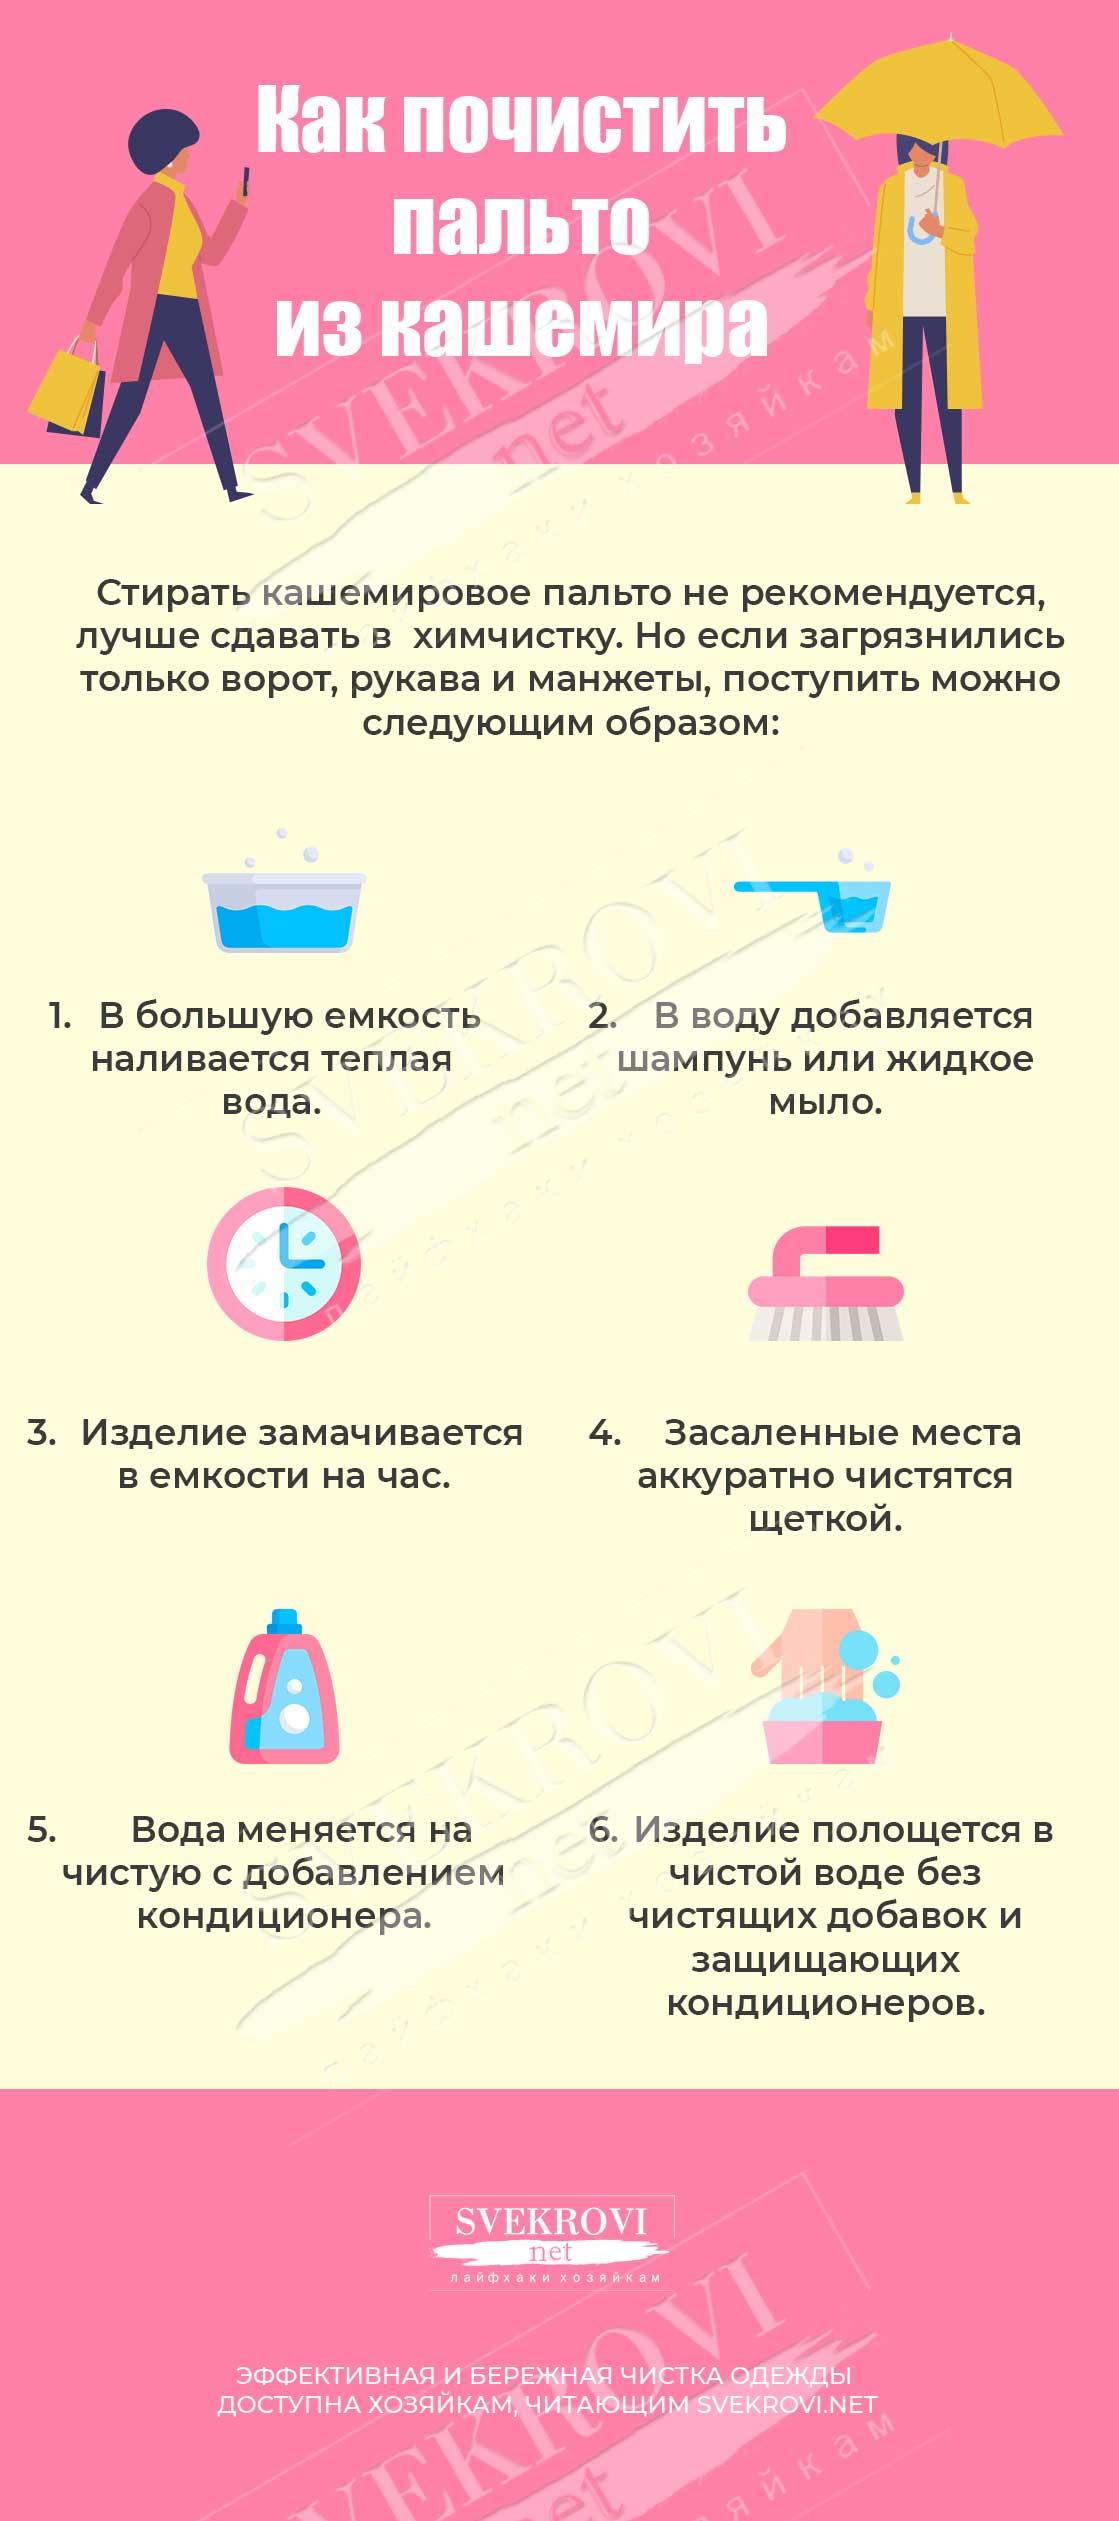 Почистить пальто из кашемира